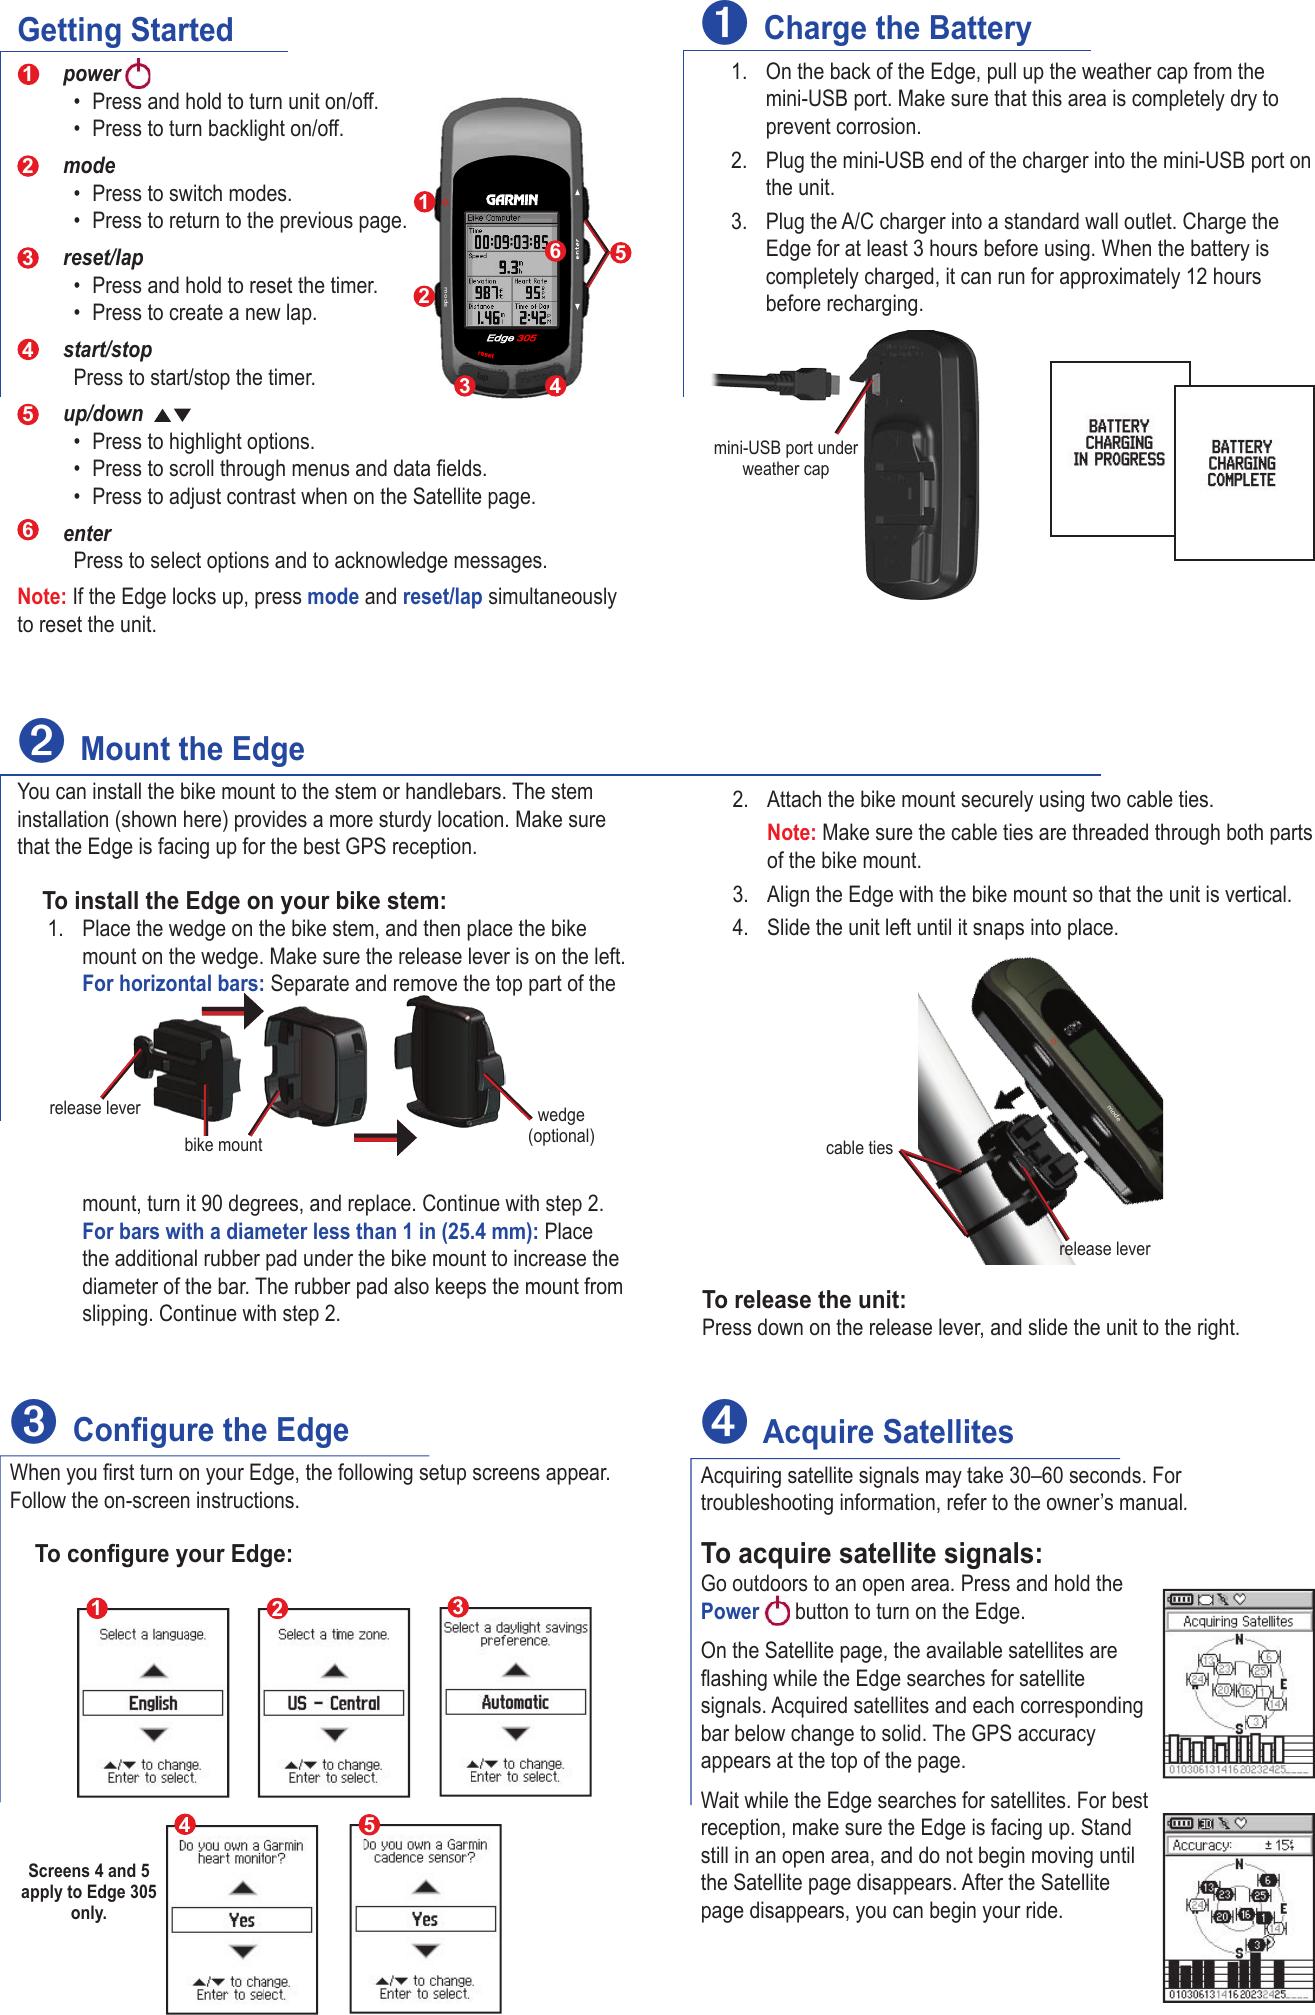 garmin edge 305 with cadence sensor quick start manual 190 00580 01 0d rh usermanual wiki Garmin 610 Garmin Forerunner 305